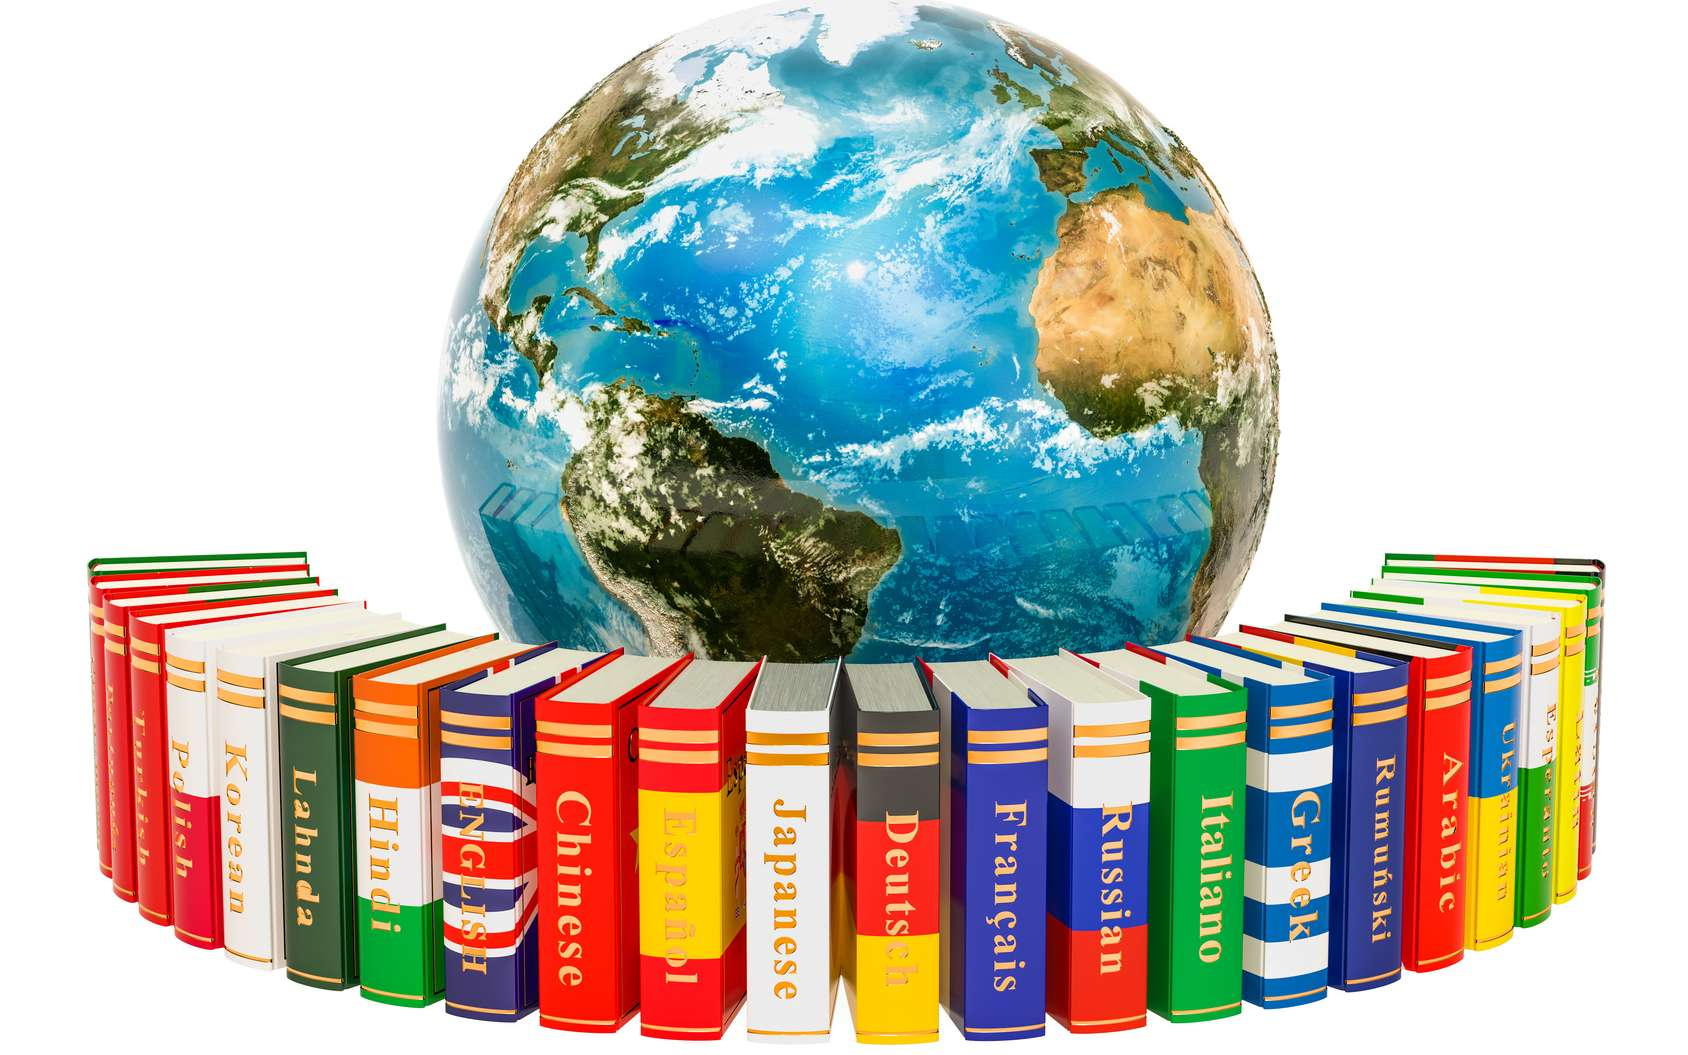 Les linguistes estiment qu'il existe environ 7.000 langues parlées aujourd'hui dans le monde. © alexlmx, Fotolia